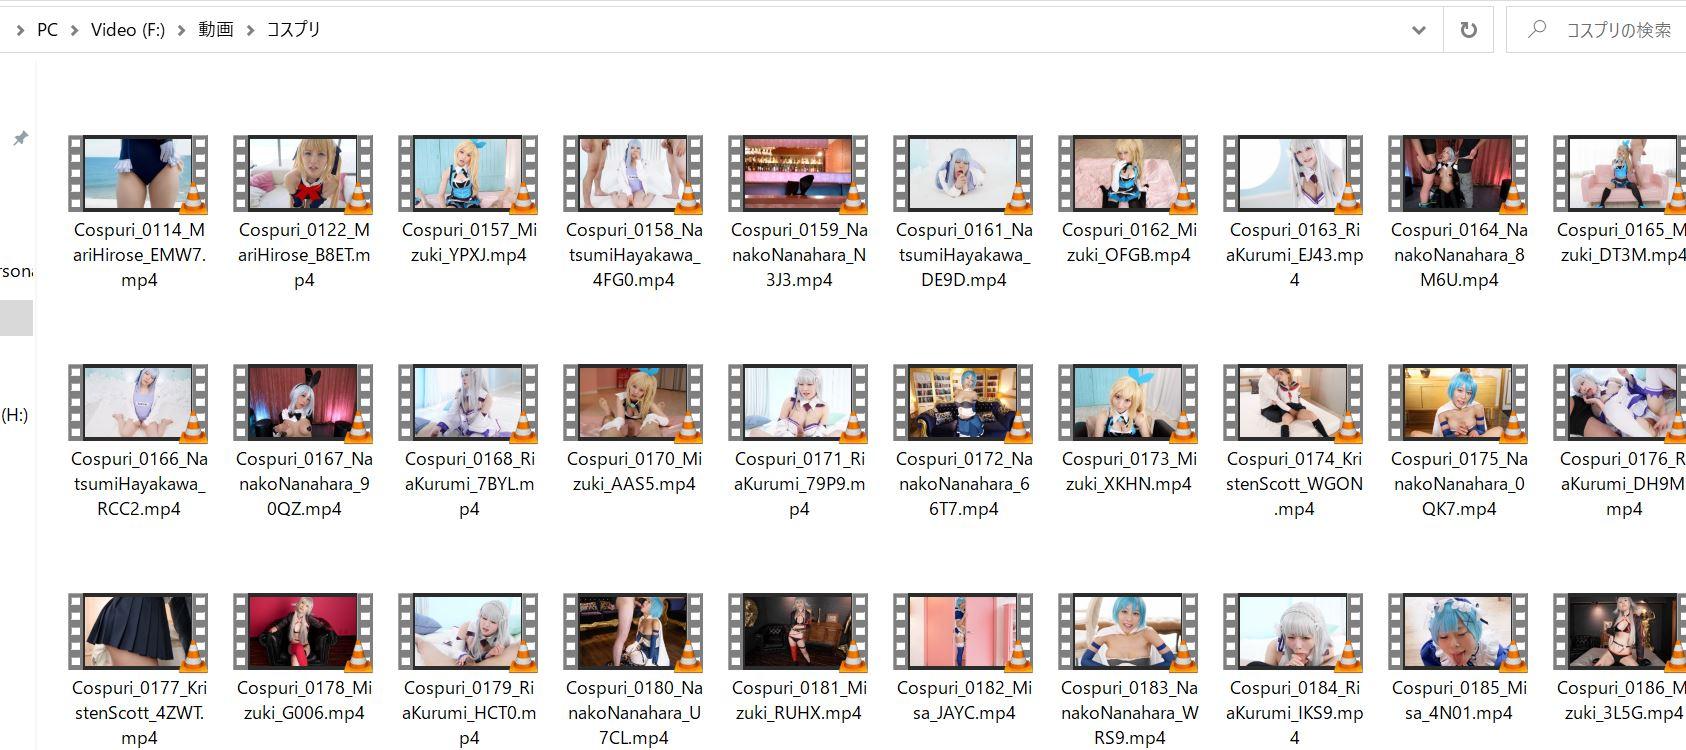 私がコスプリの1か月会員だった時にダウンロードした無修正動画の一部